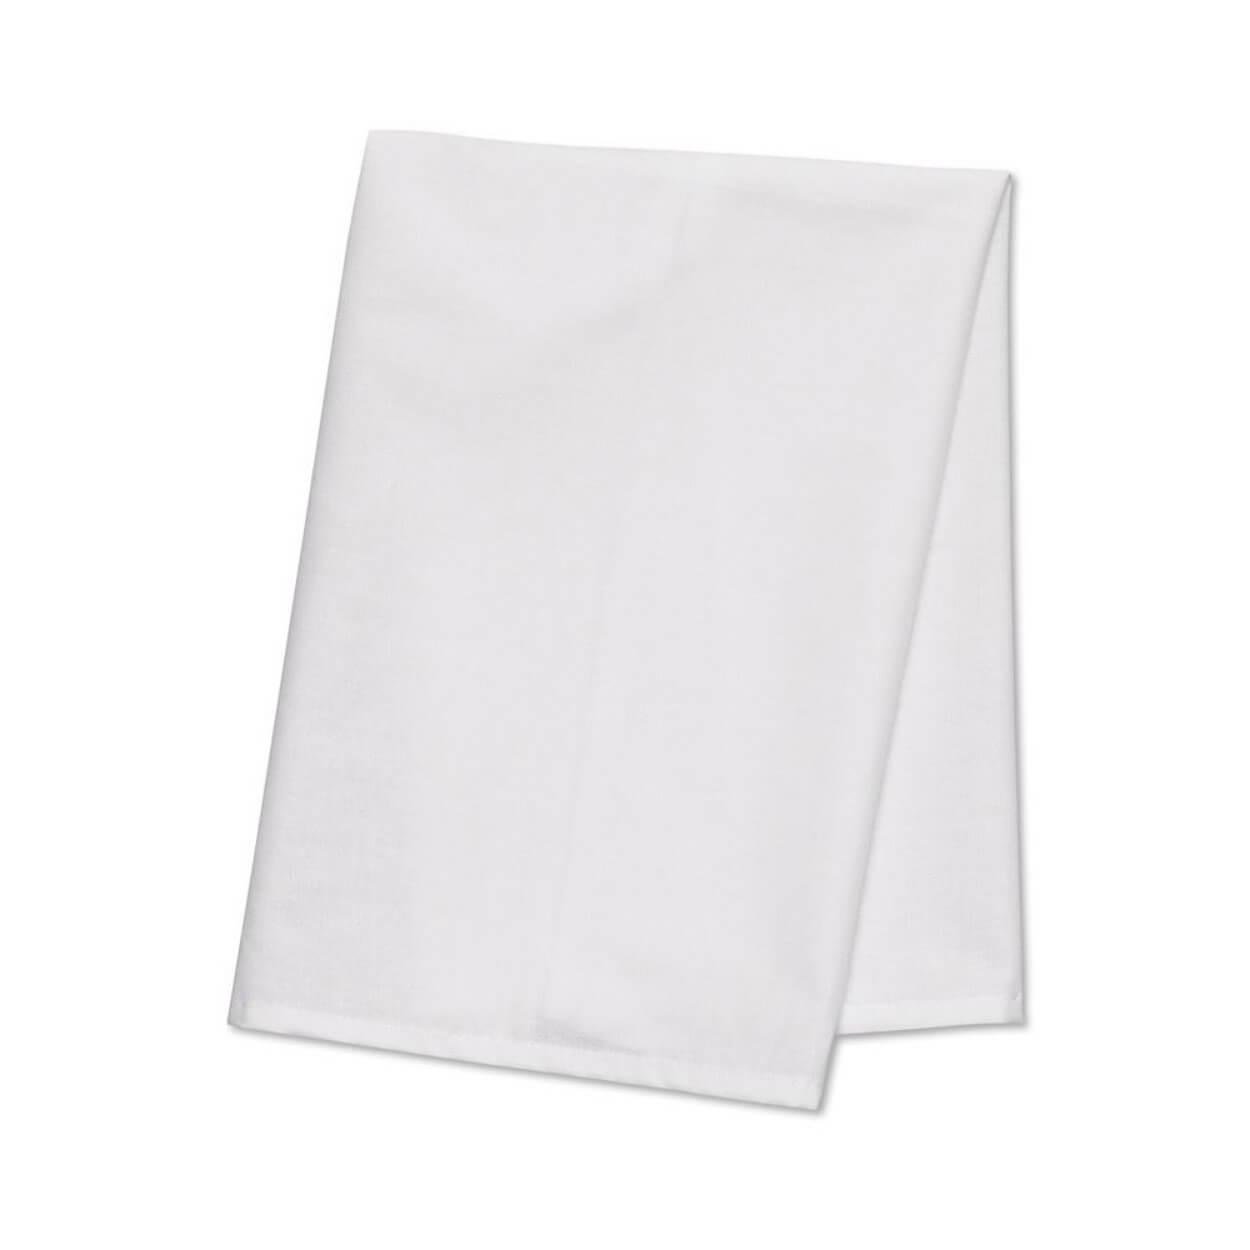 Πετσέτα Σερβιτόρου